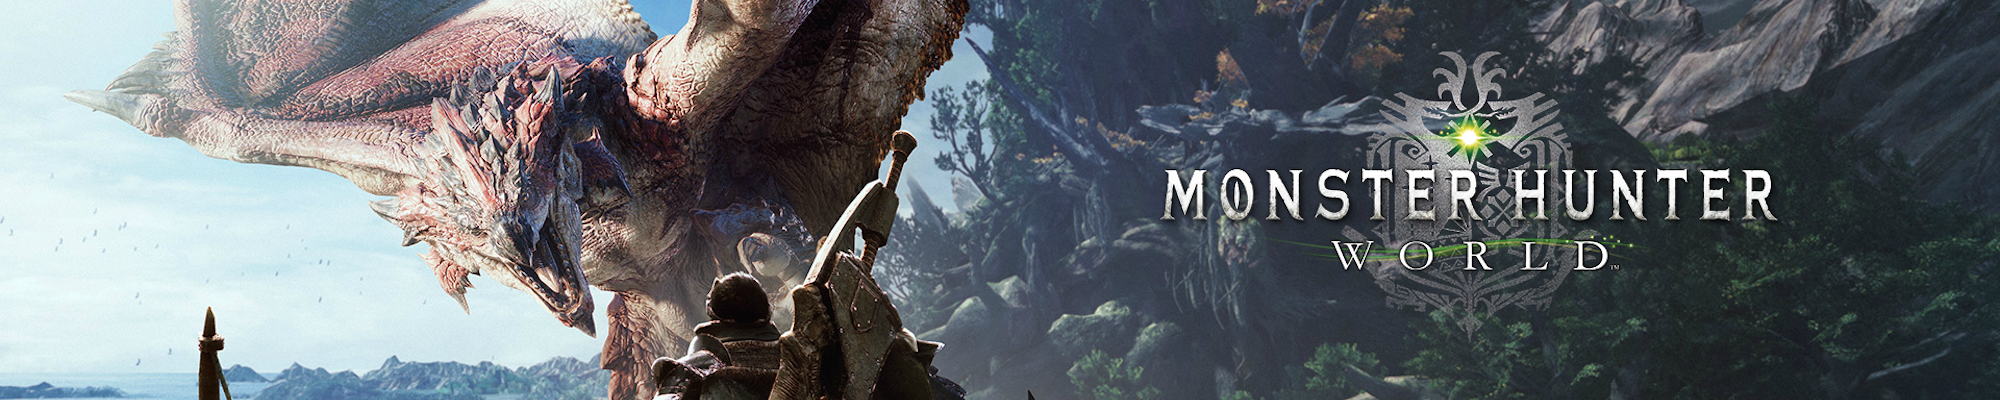 关于《怪物猎人:世界》,我们来聊聊因人而异的体验